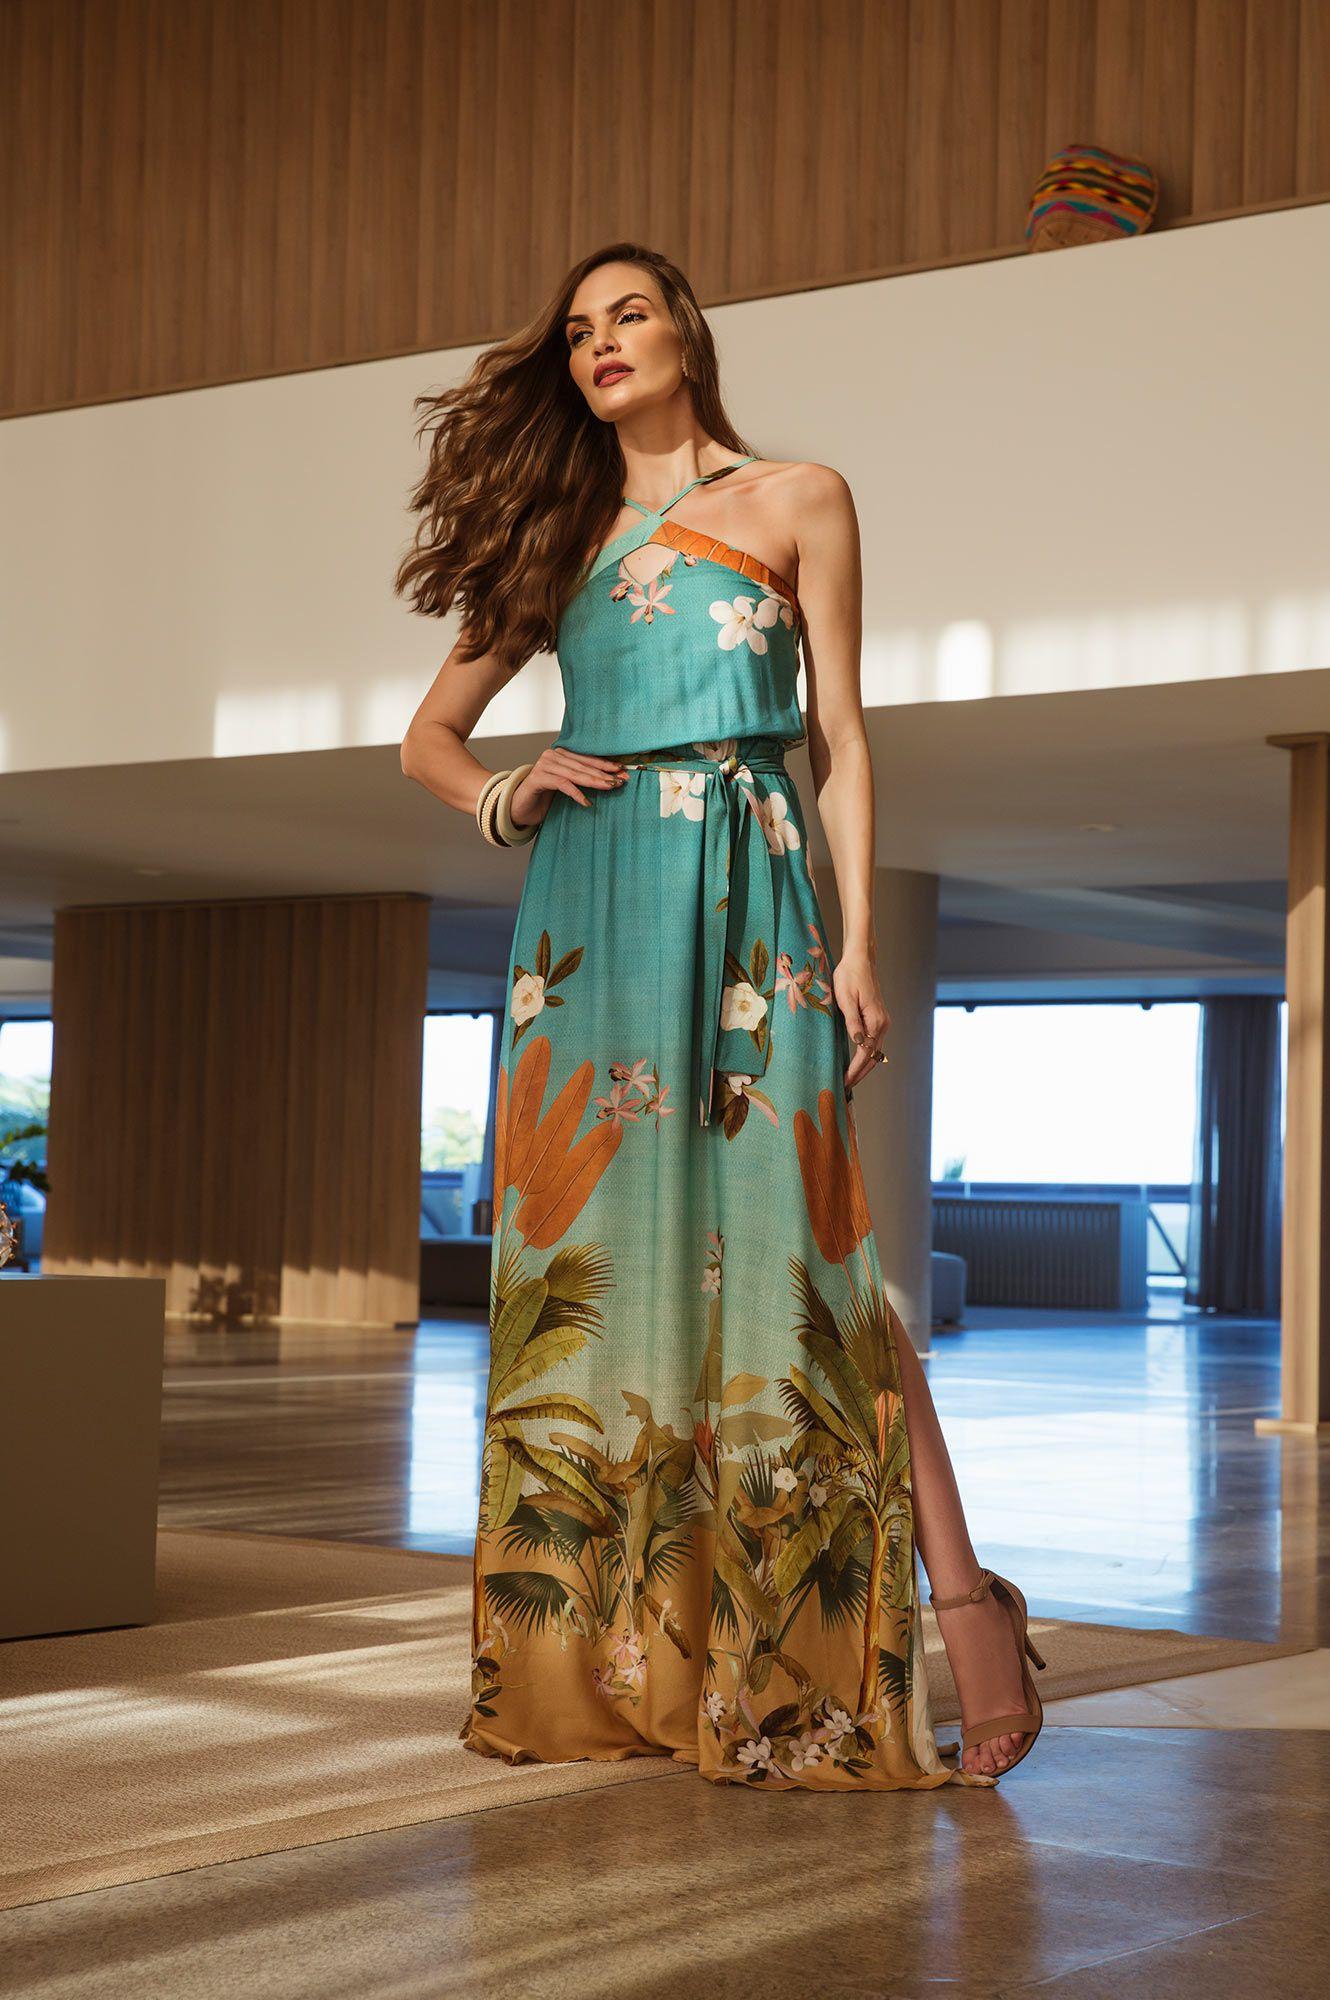 4f8eceb1a Vestido Longo Estampa Barrada - VANKOKE - Moda Feminina - Vestidos ...